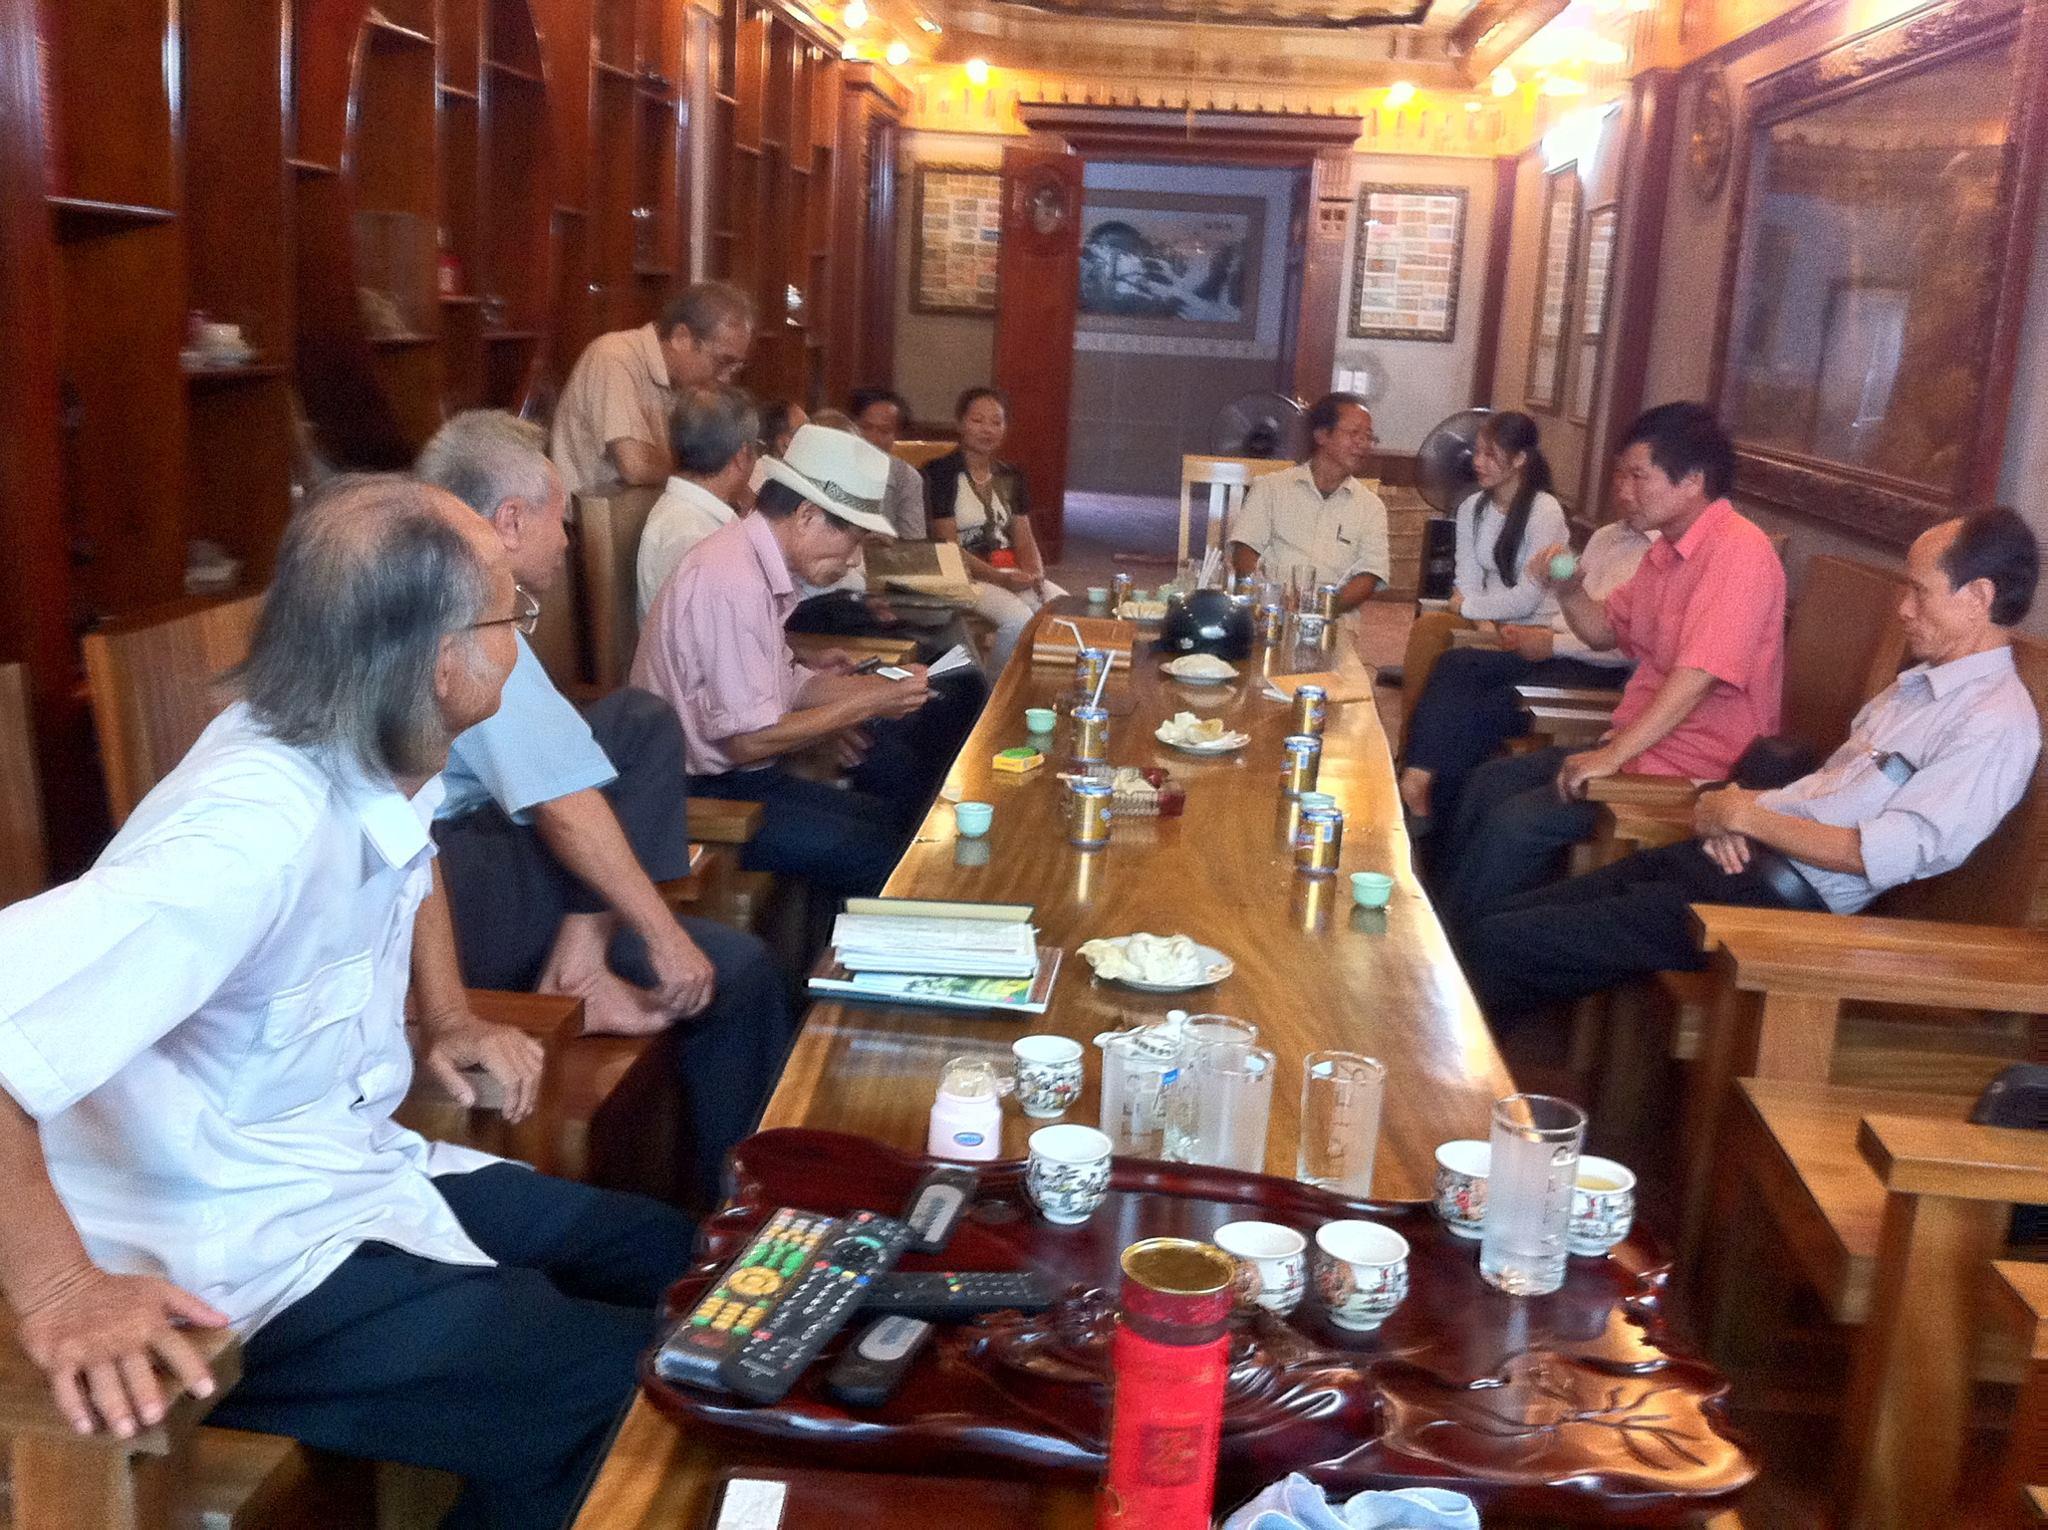 Câu lạc bộ thơ tại Quang Huy